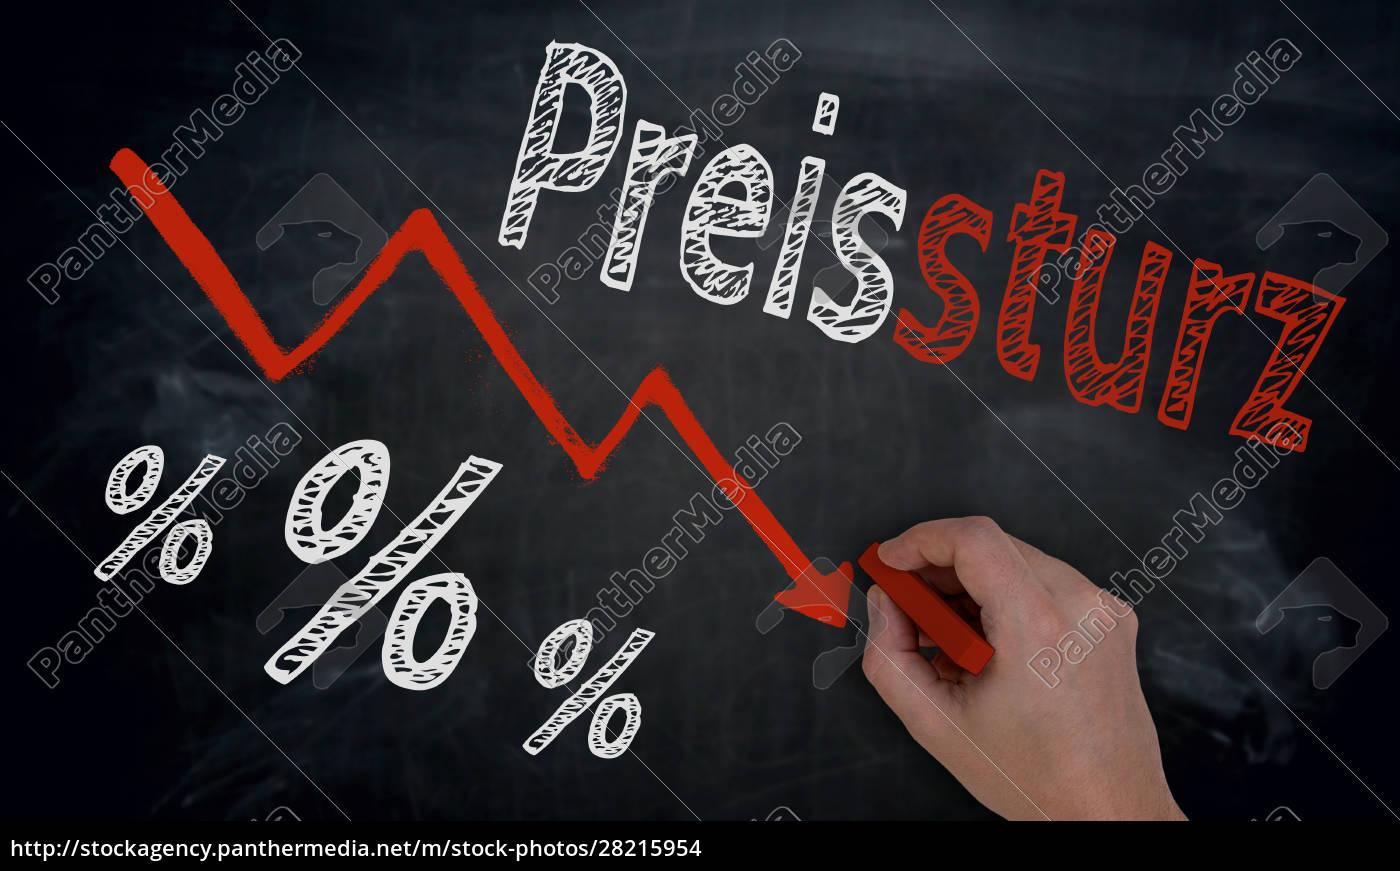 preissturz, (in, german, price, fall), is - 28215954